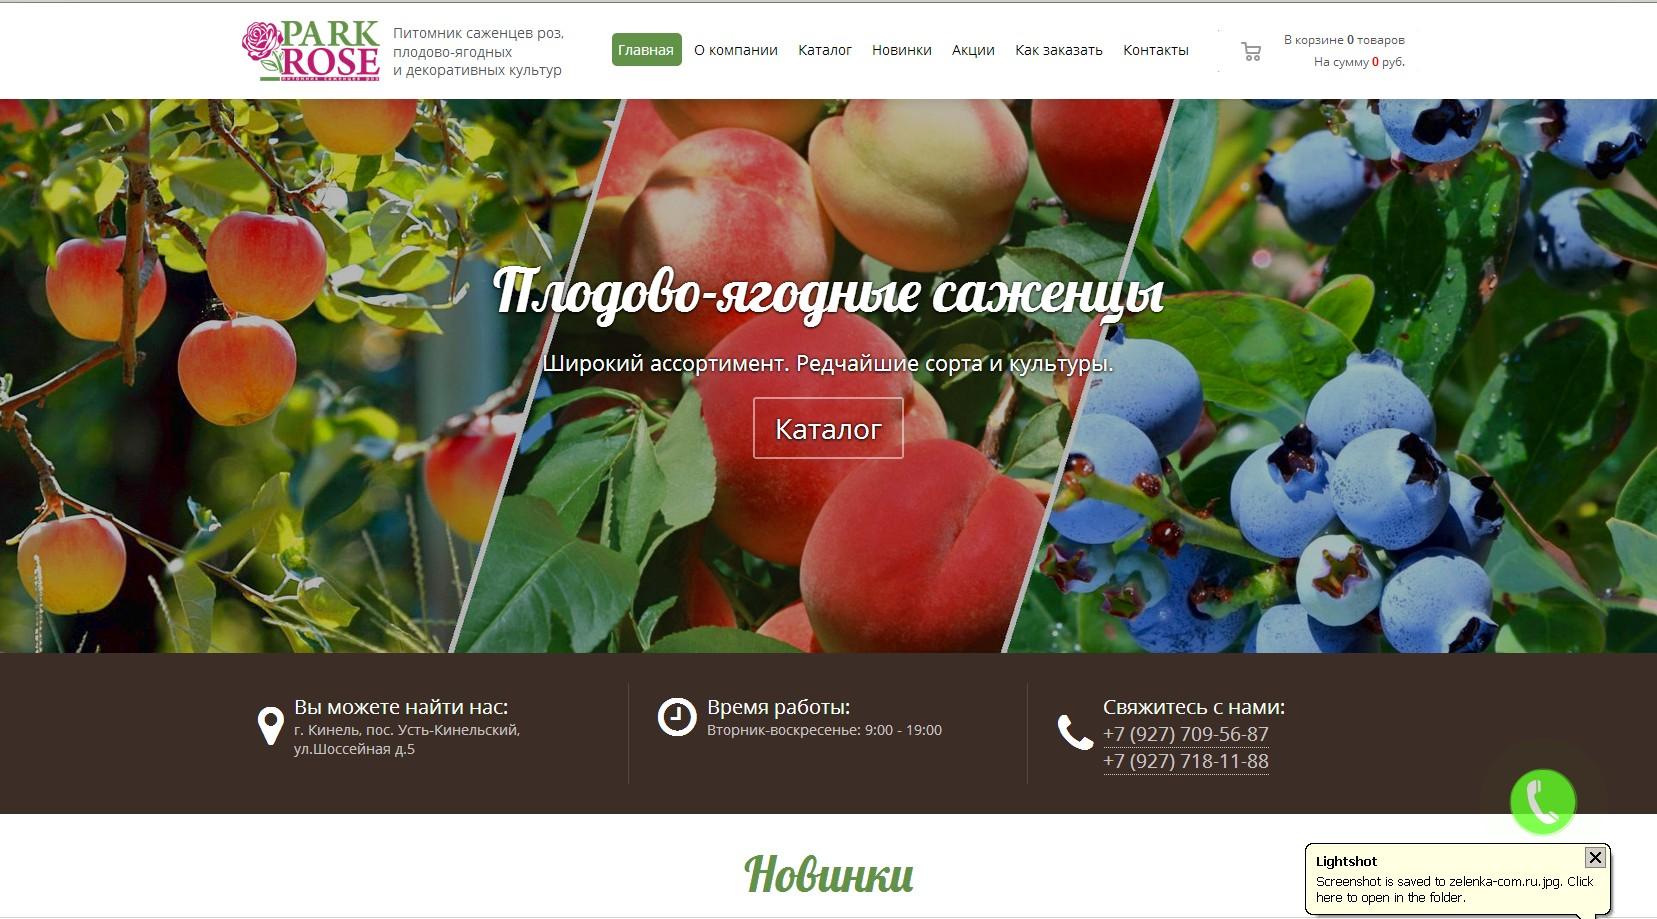 логотип parkrose63.ru